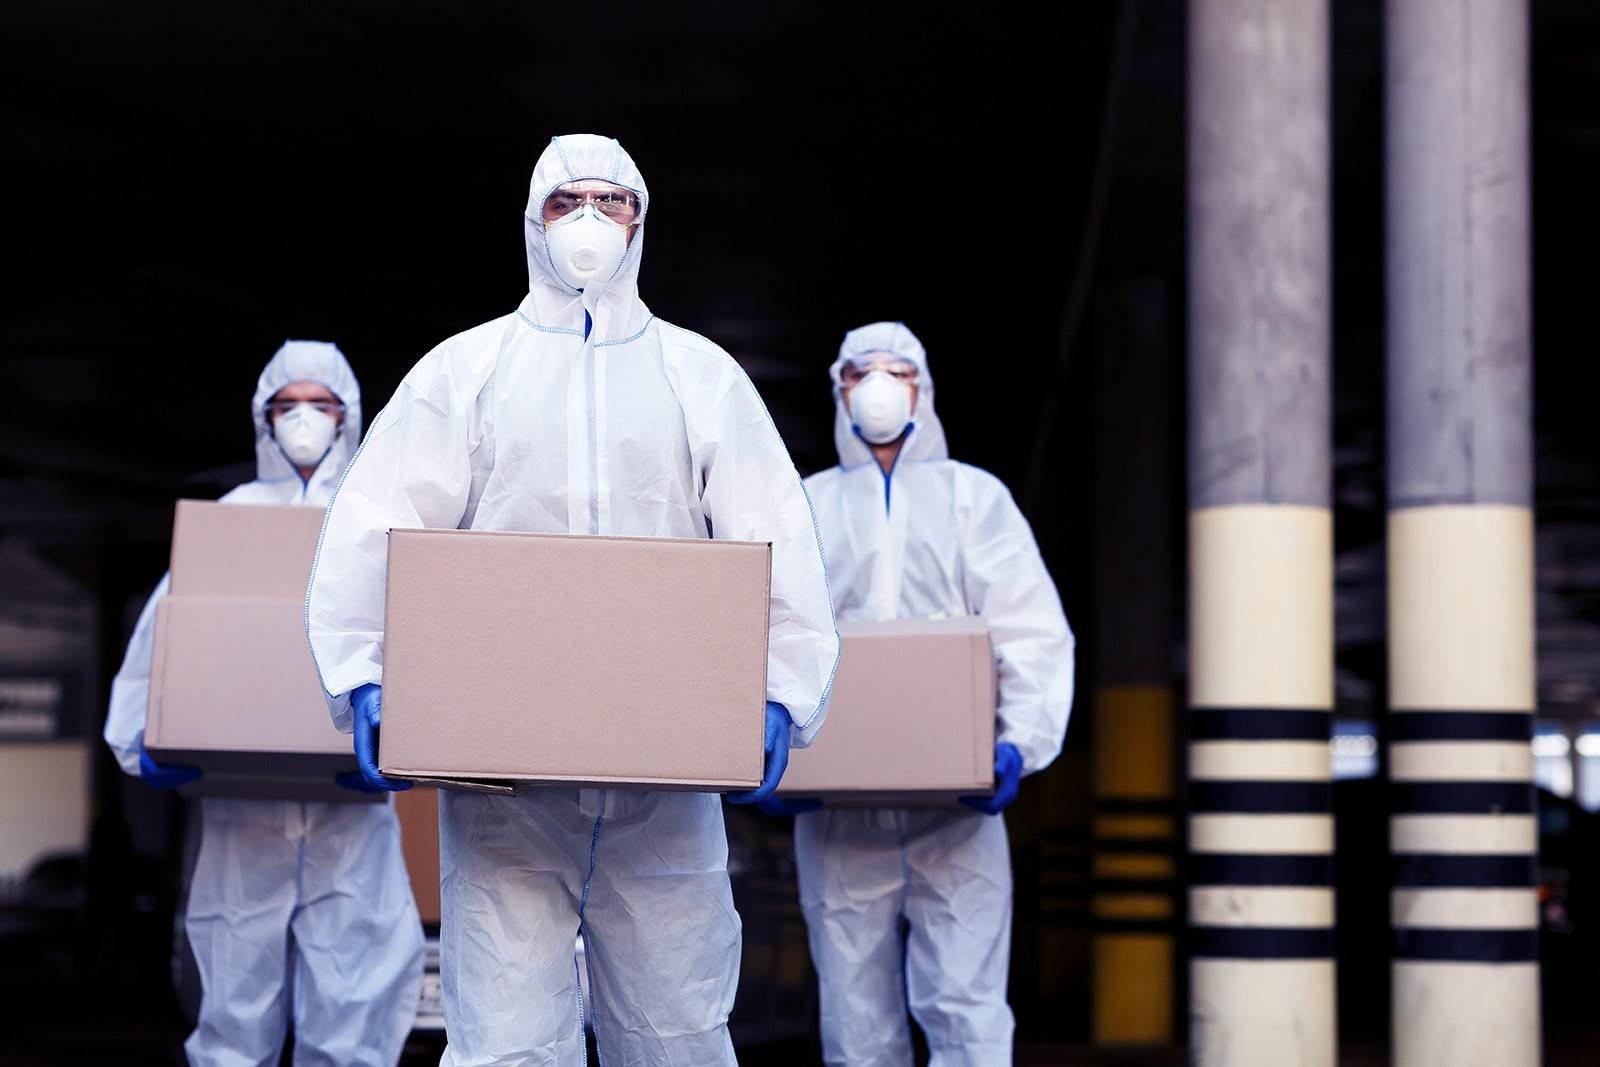 سجّلت الولايات المتحدة 53,847 إصابة جديدة بالفيروس خلال يوم واحد